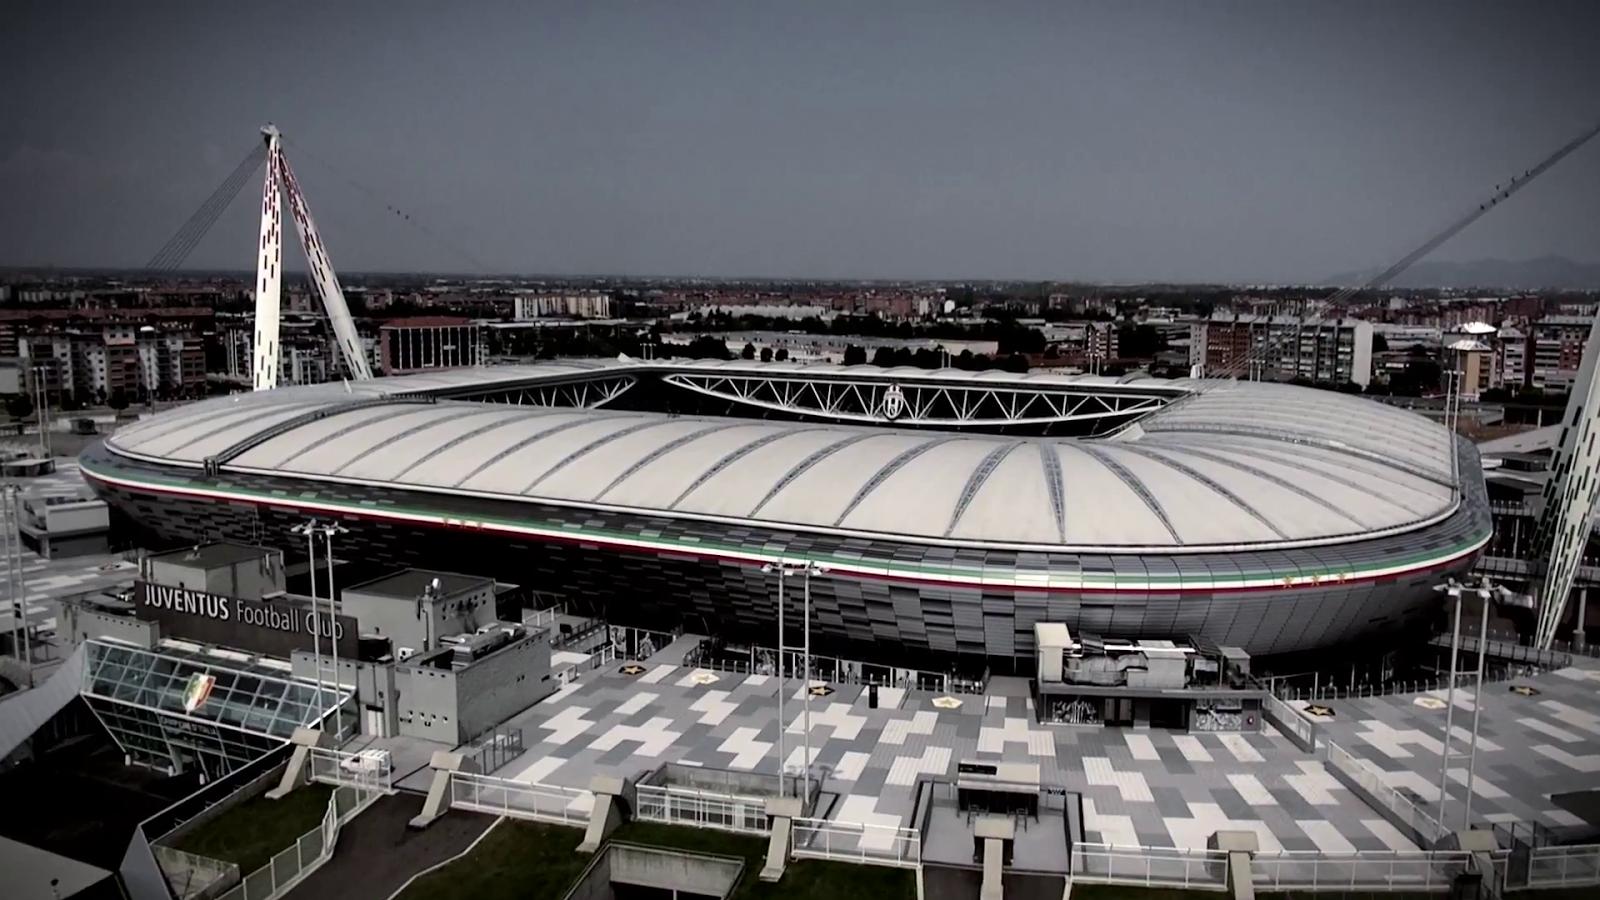 TORINO - JUVENTUS STADION   Stadion, Fussball